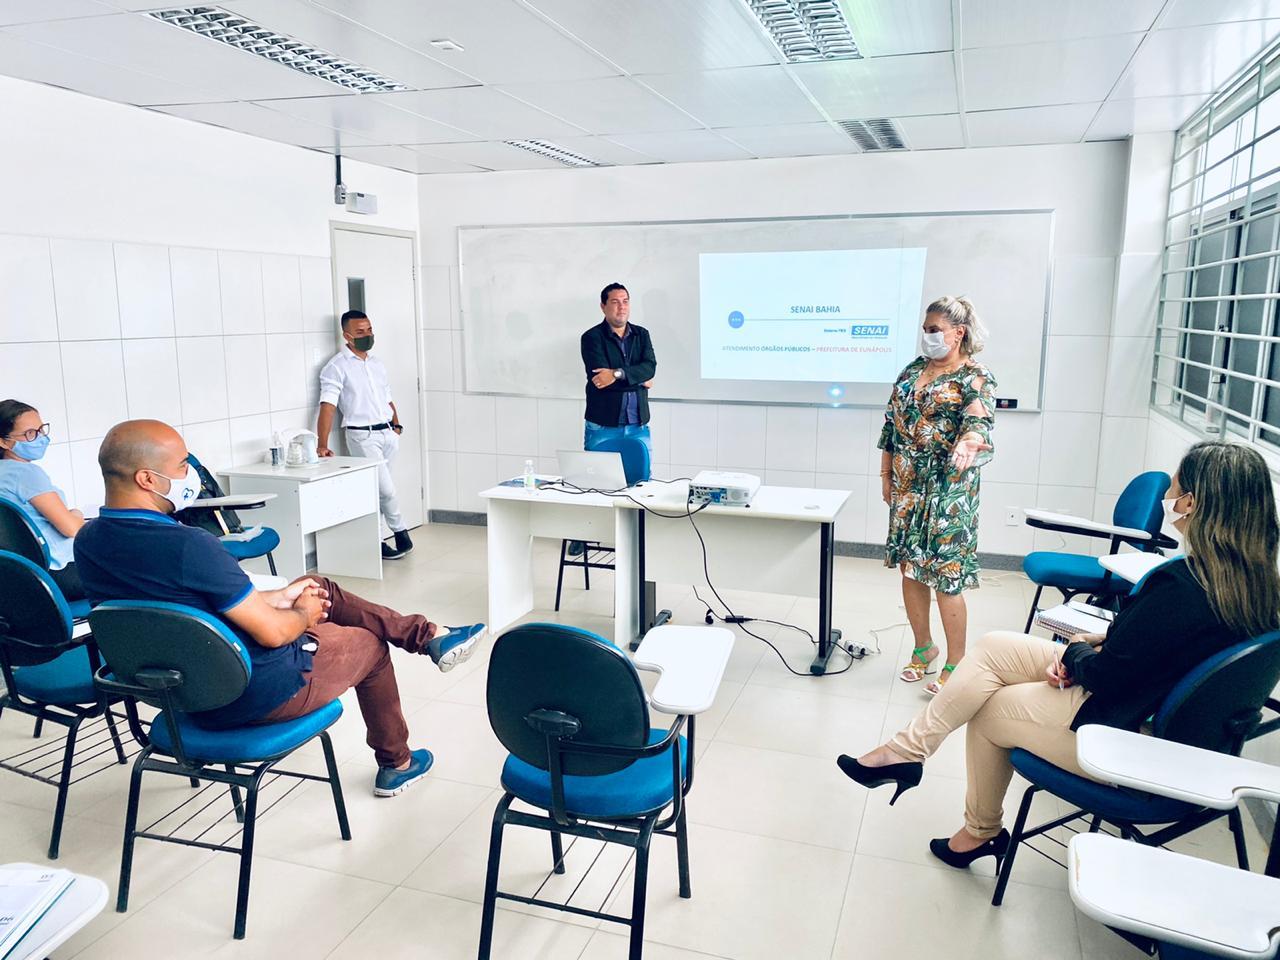 Prefeitura de Eunápolis, através da Secretaria de Assistência Social, firma parceria com o SENAI para promover qualificação profissional 24